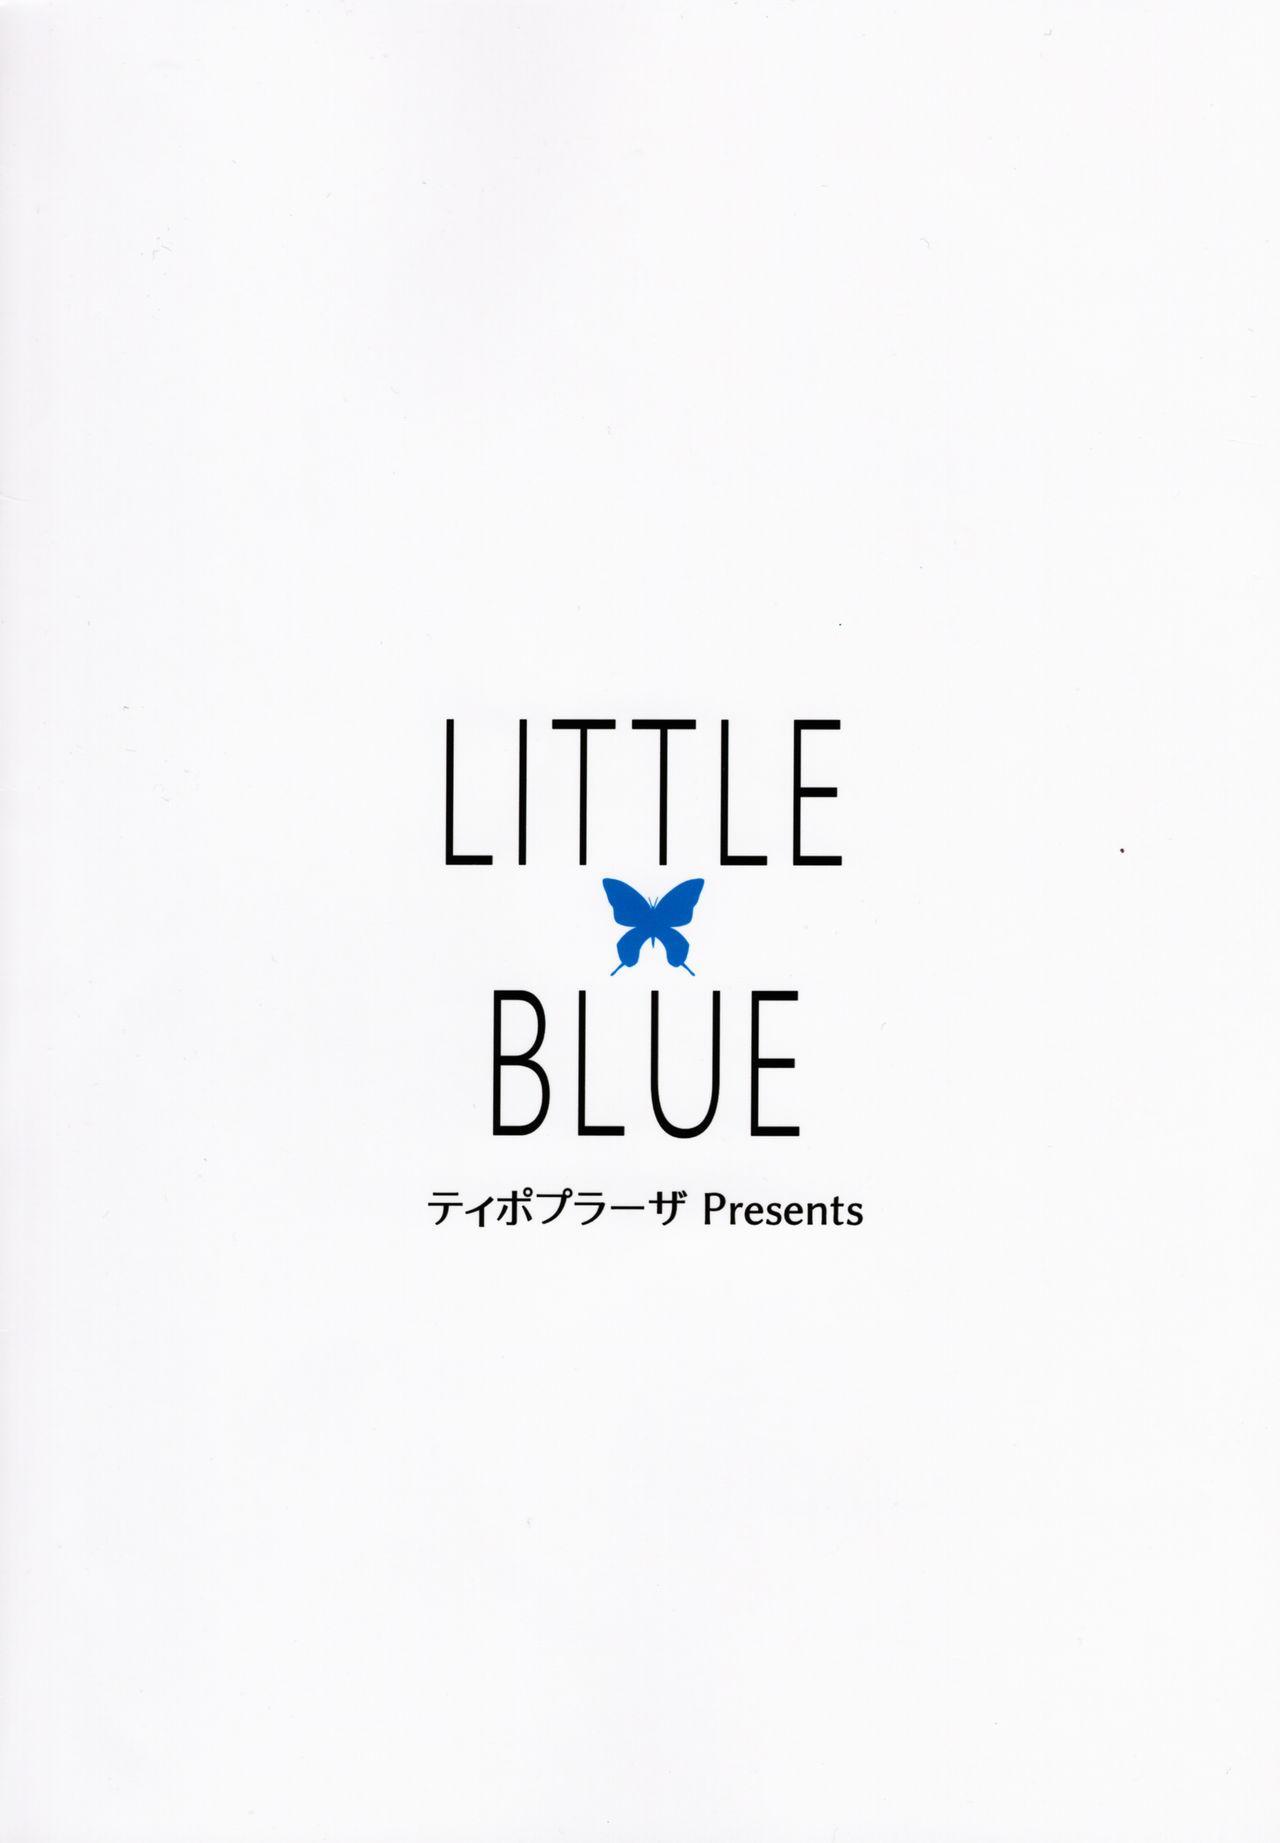 LITTLE BLUE 22